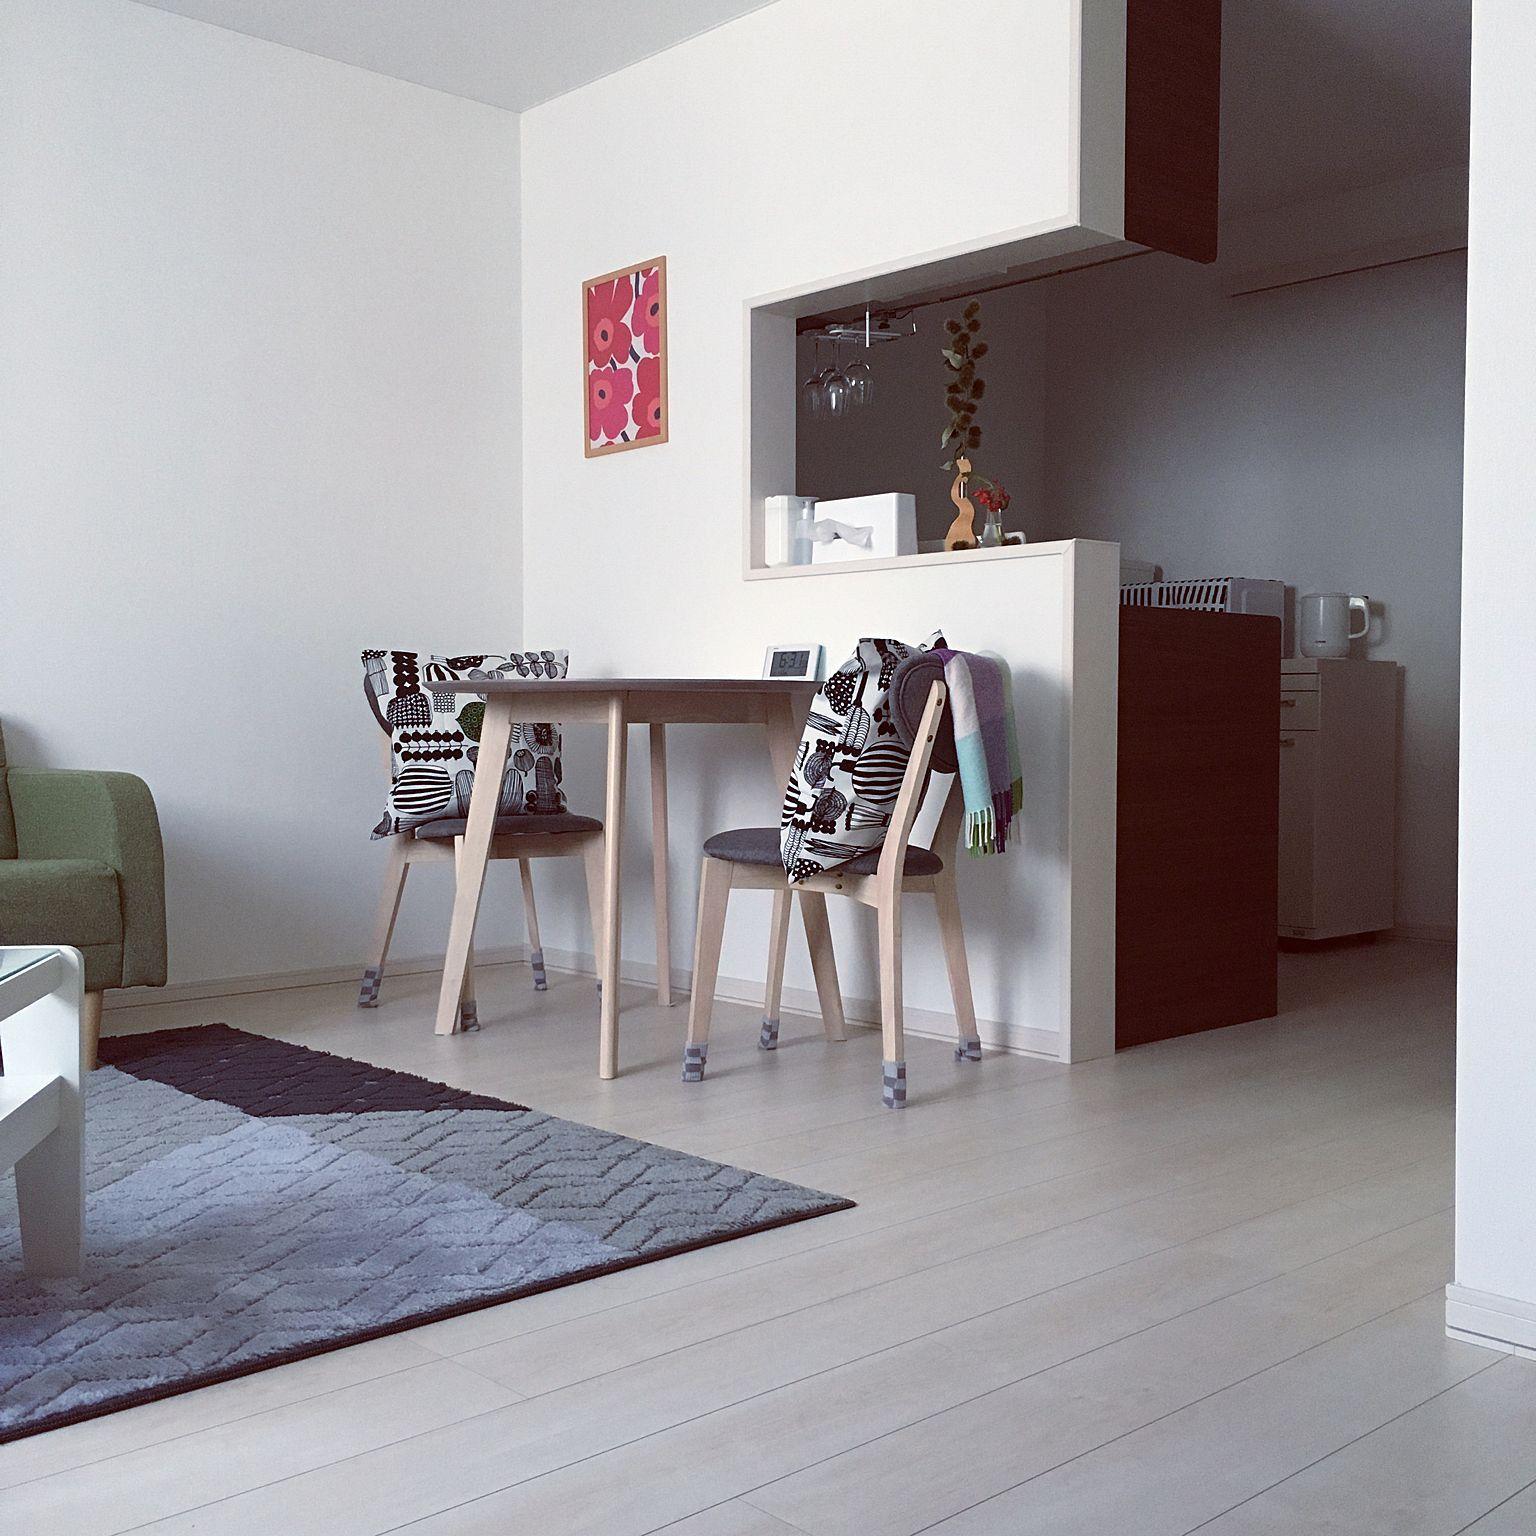 キッチン 一人暮らし 北欧 1ldk 栗 などのインテリア実例 2017 09 04 06 33 46 Roomclip ルームクリップ インテリア インテリア 実例 家具のアイデア